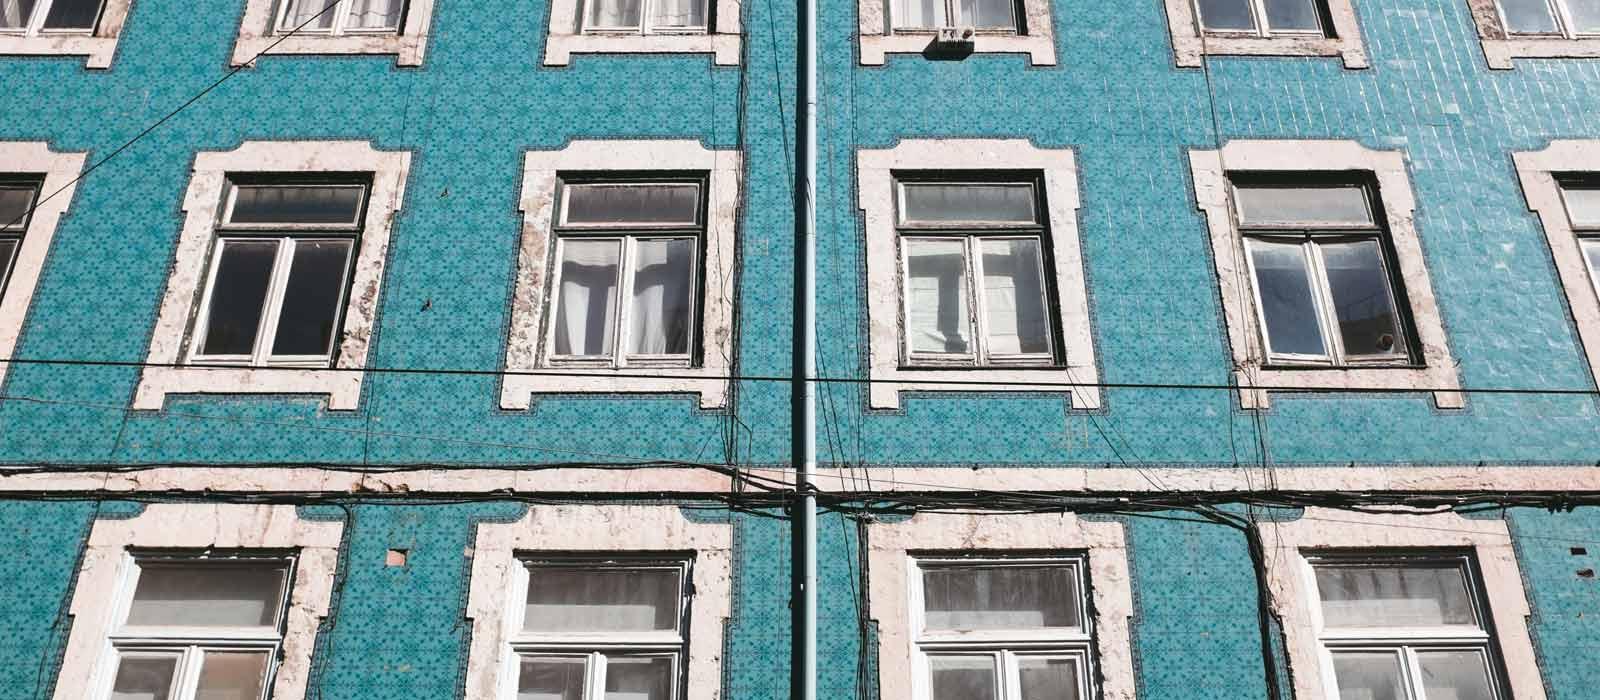 bihl-immobilier-normandie-41.jpg